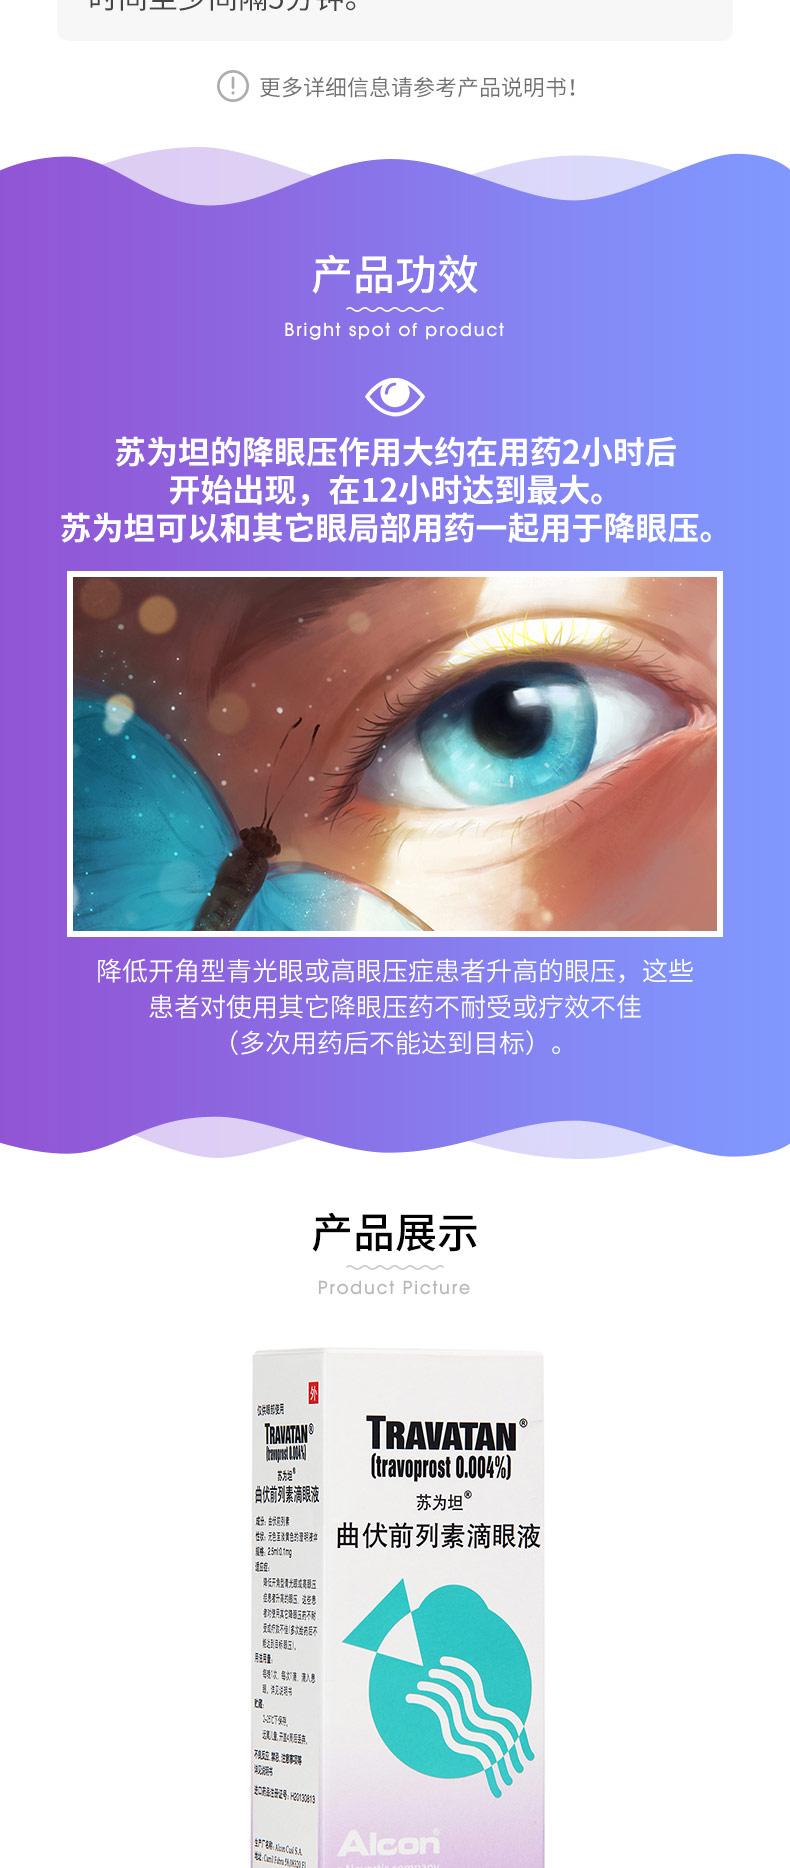 曲伏前列素滴眼液(苏为坦)